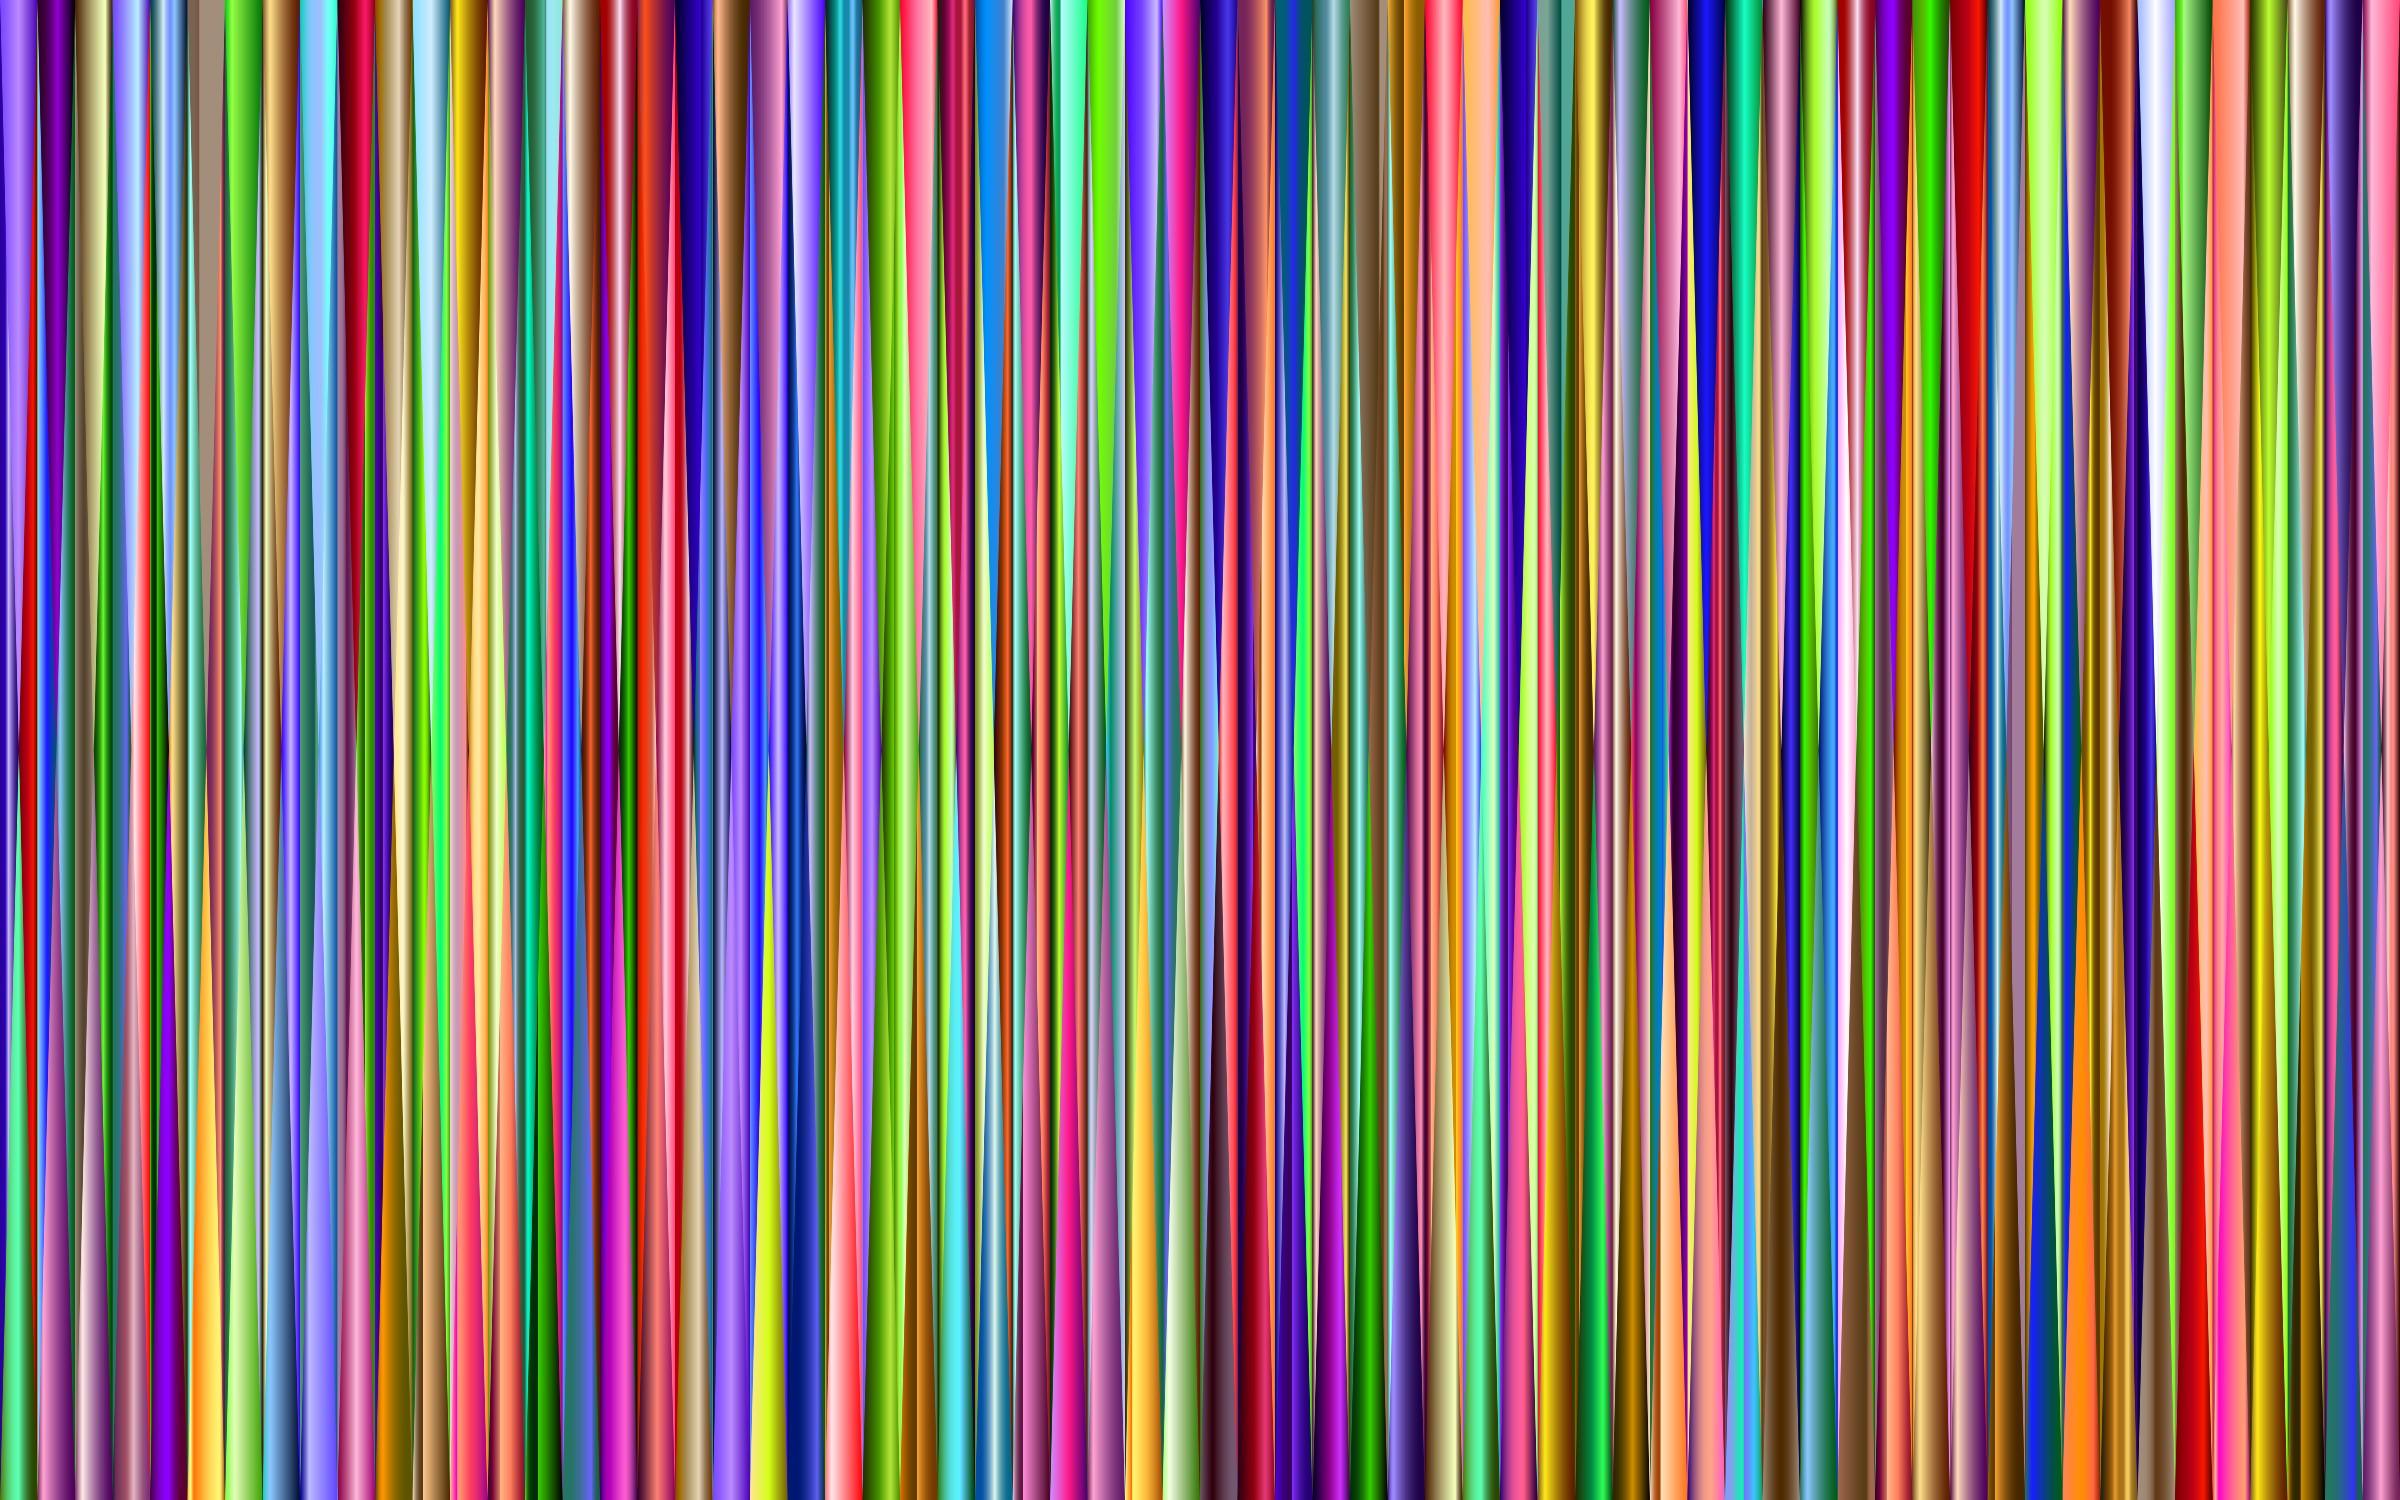 будто вместо картинки на экране цветные полоски одном кадров видна